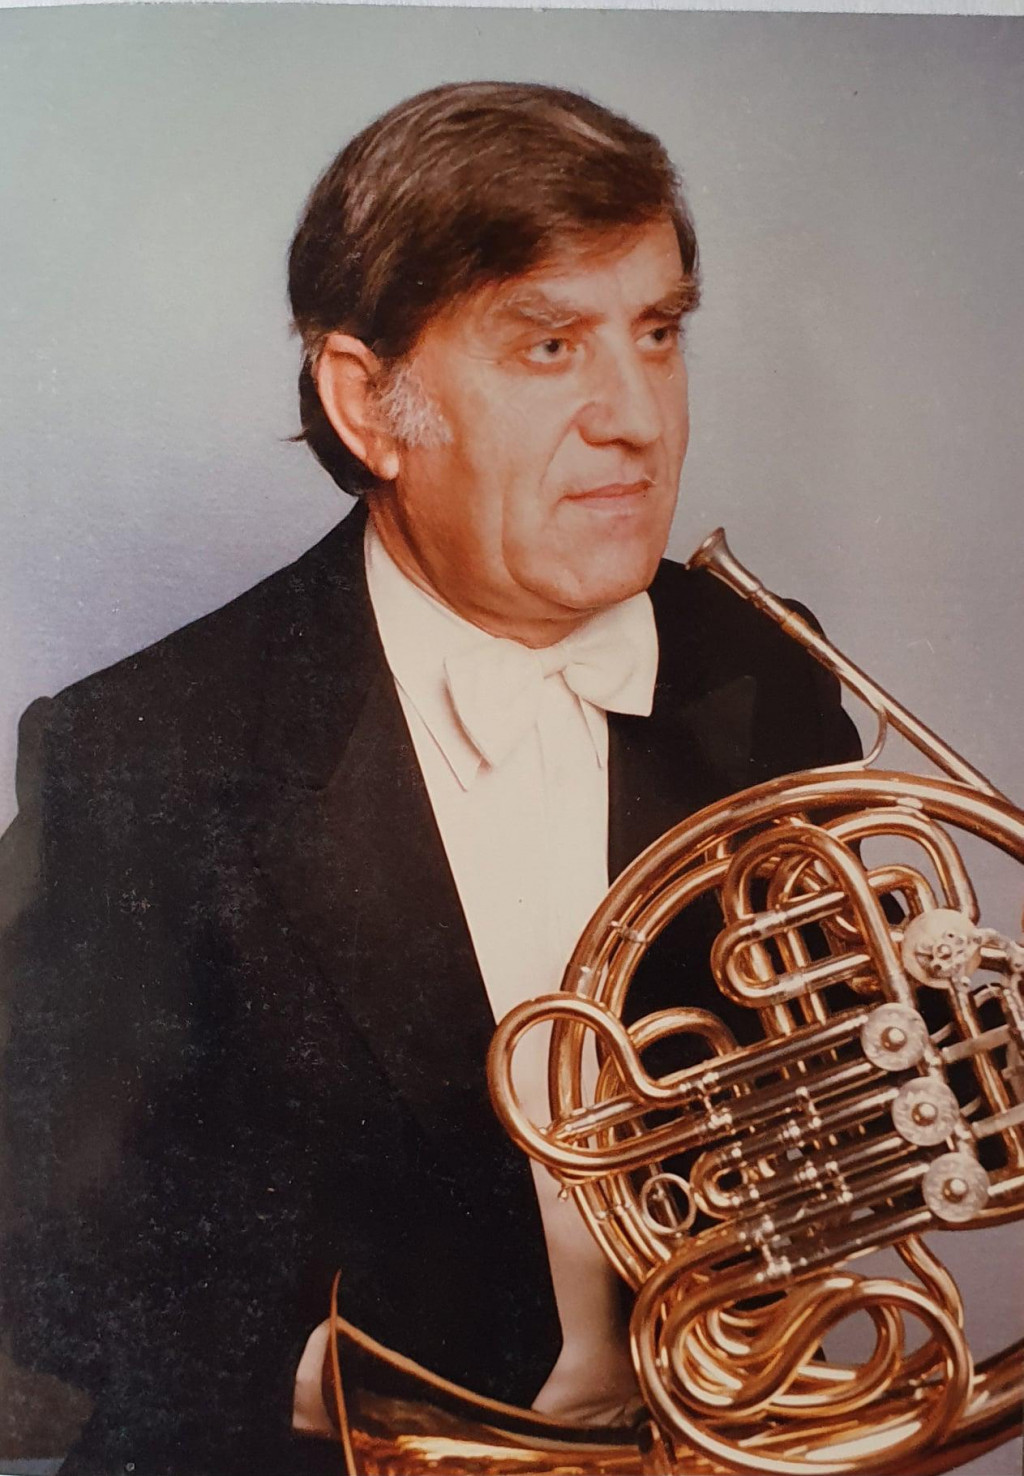 Jozo Ajduković (1932. - 2021.)